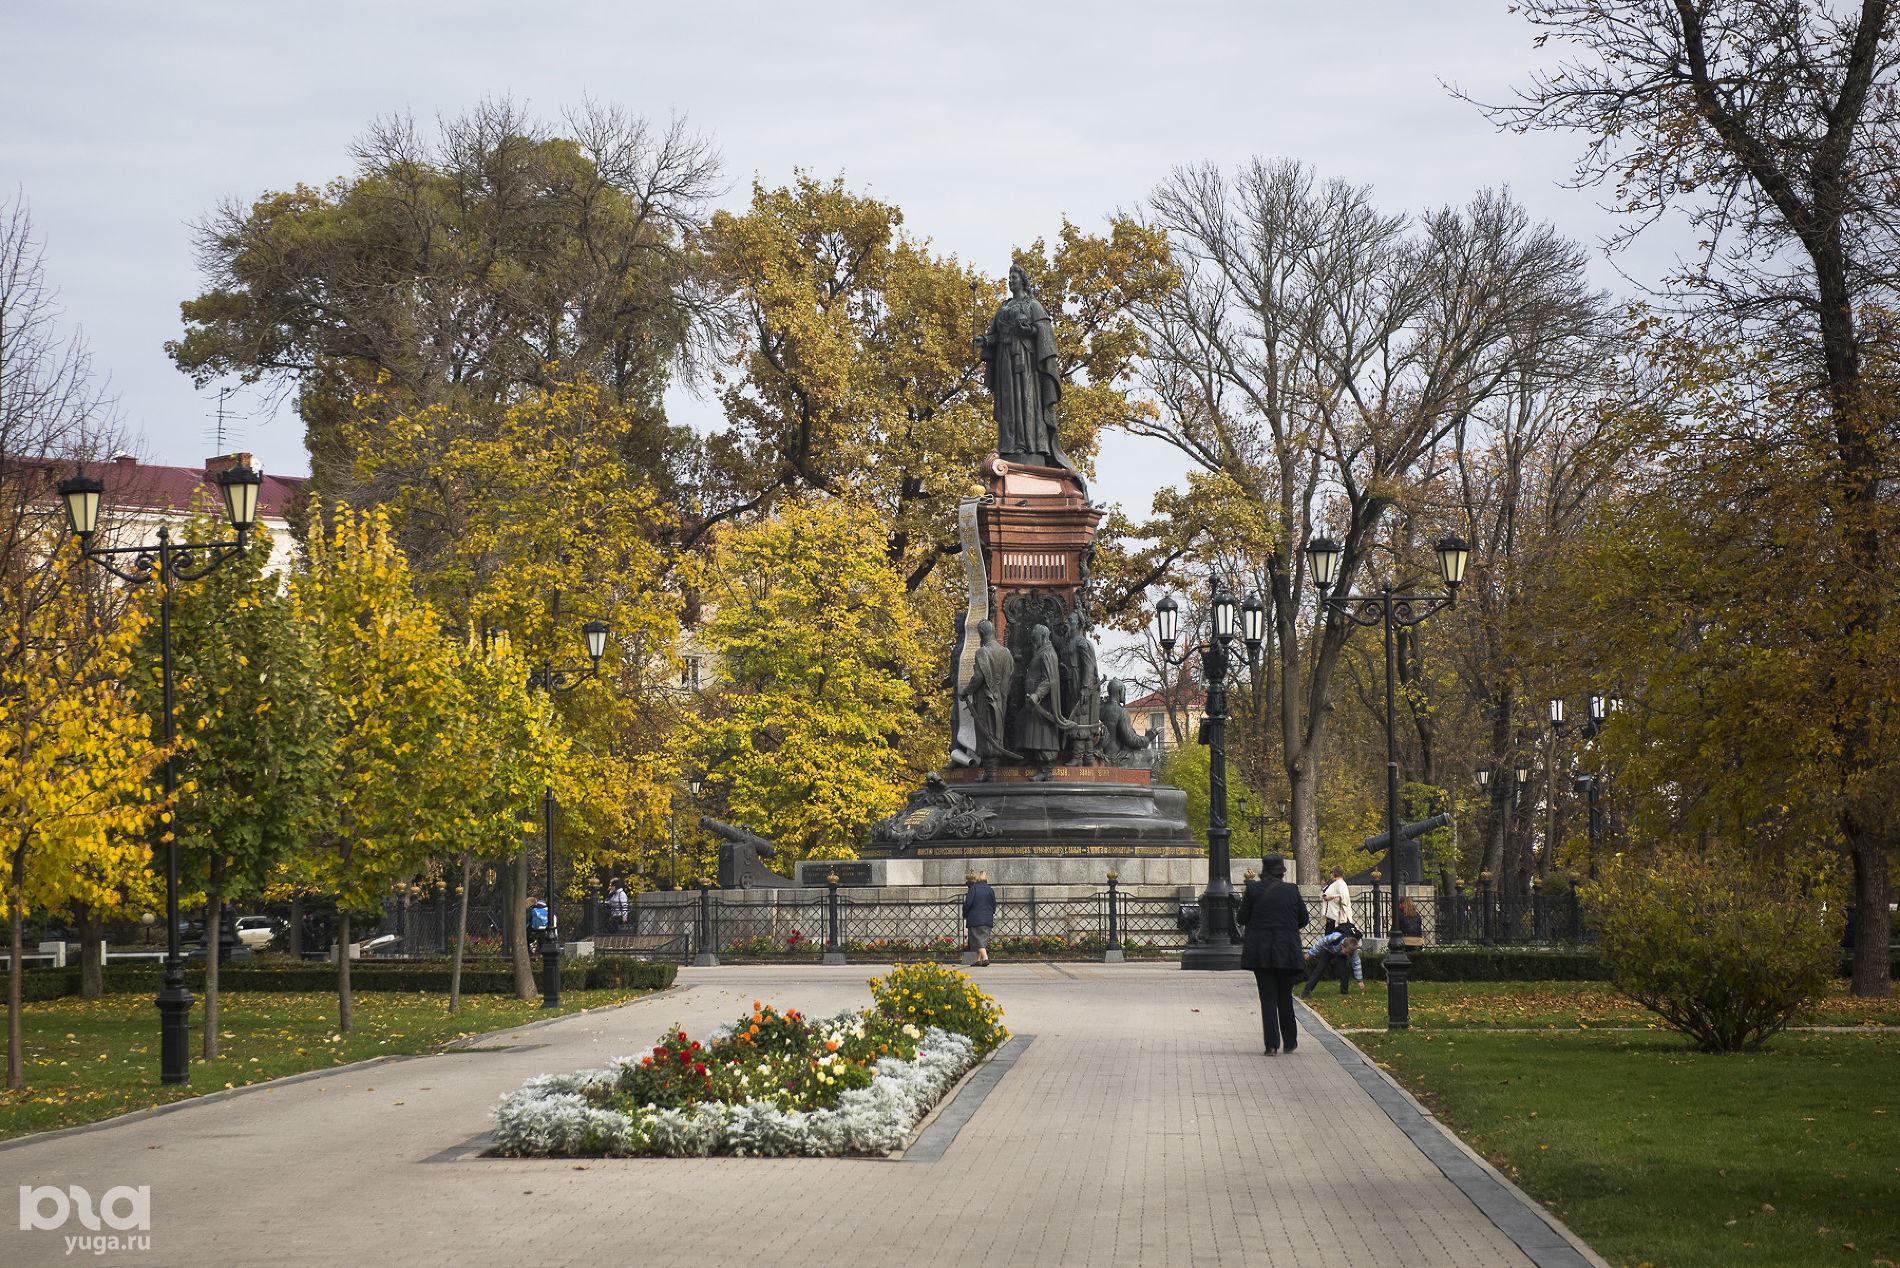 Сквер с Екатериной II ©Фото Елены Синеок, Юга.ру